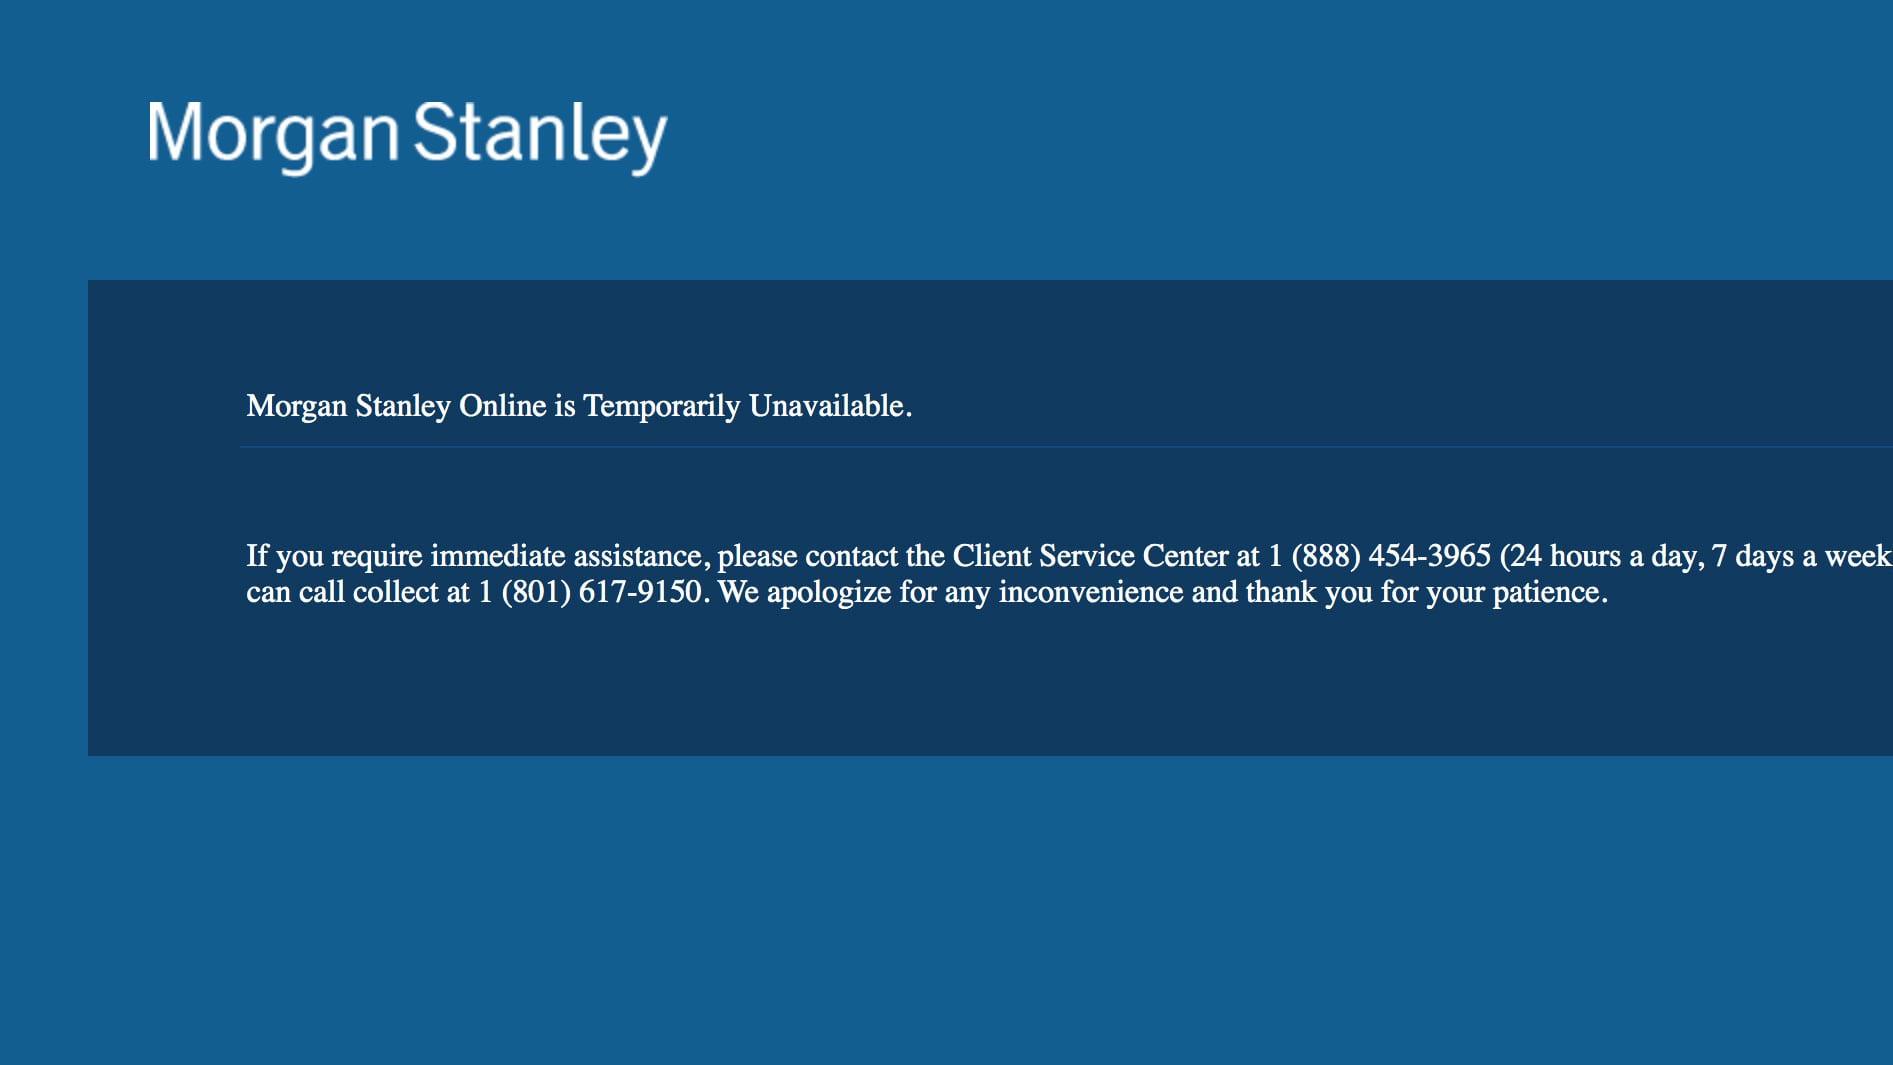 morgan stanley clientserv app